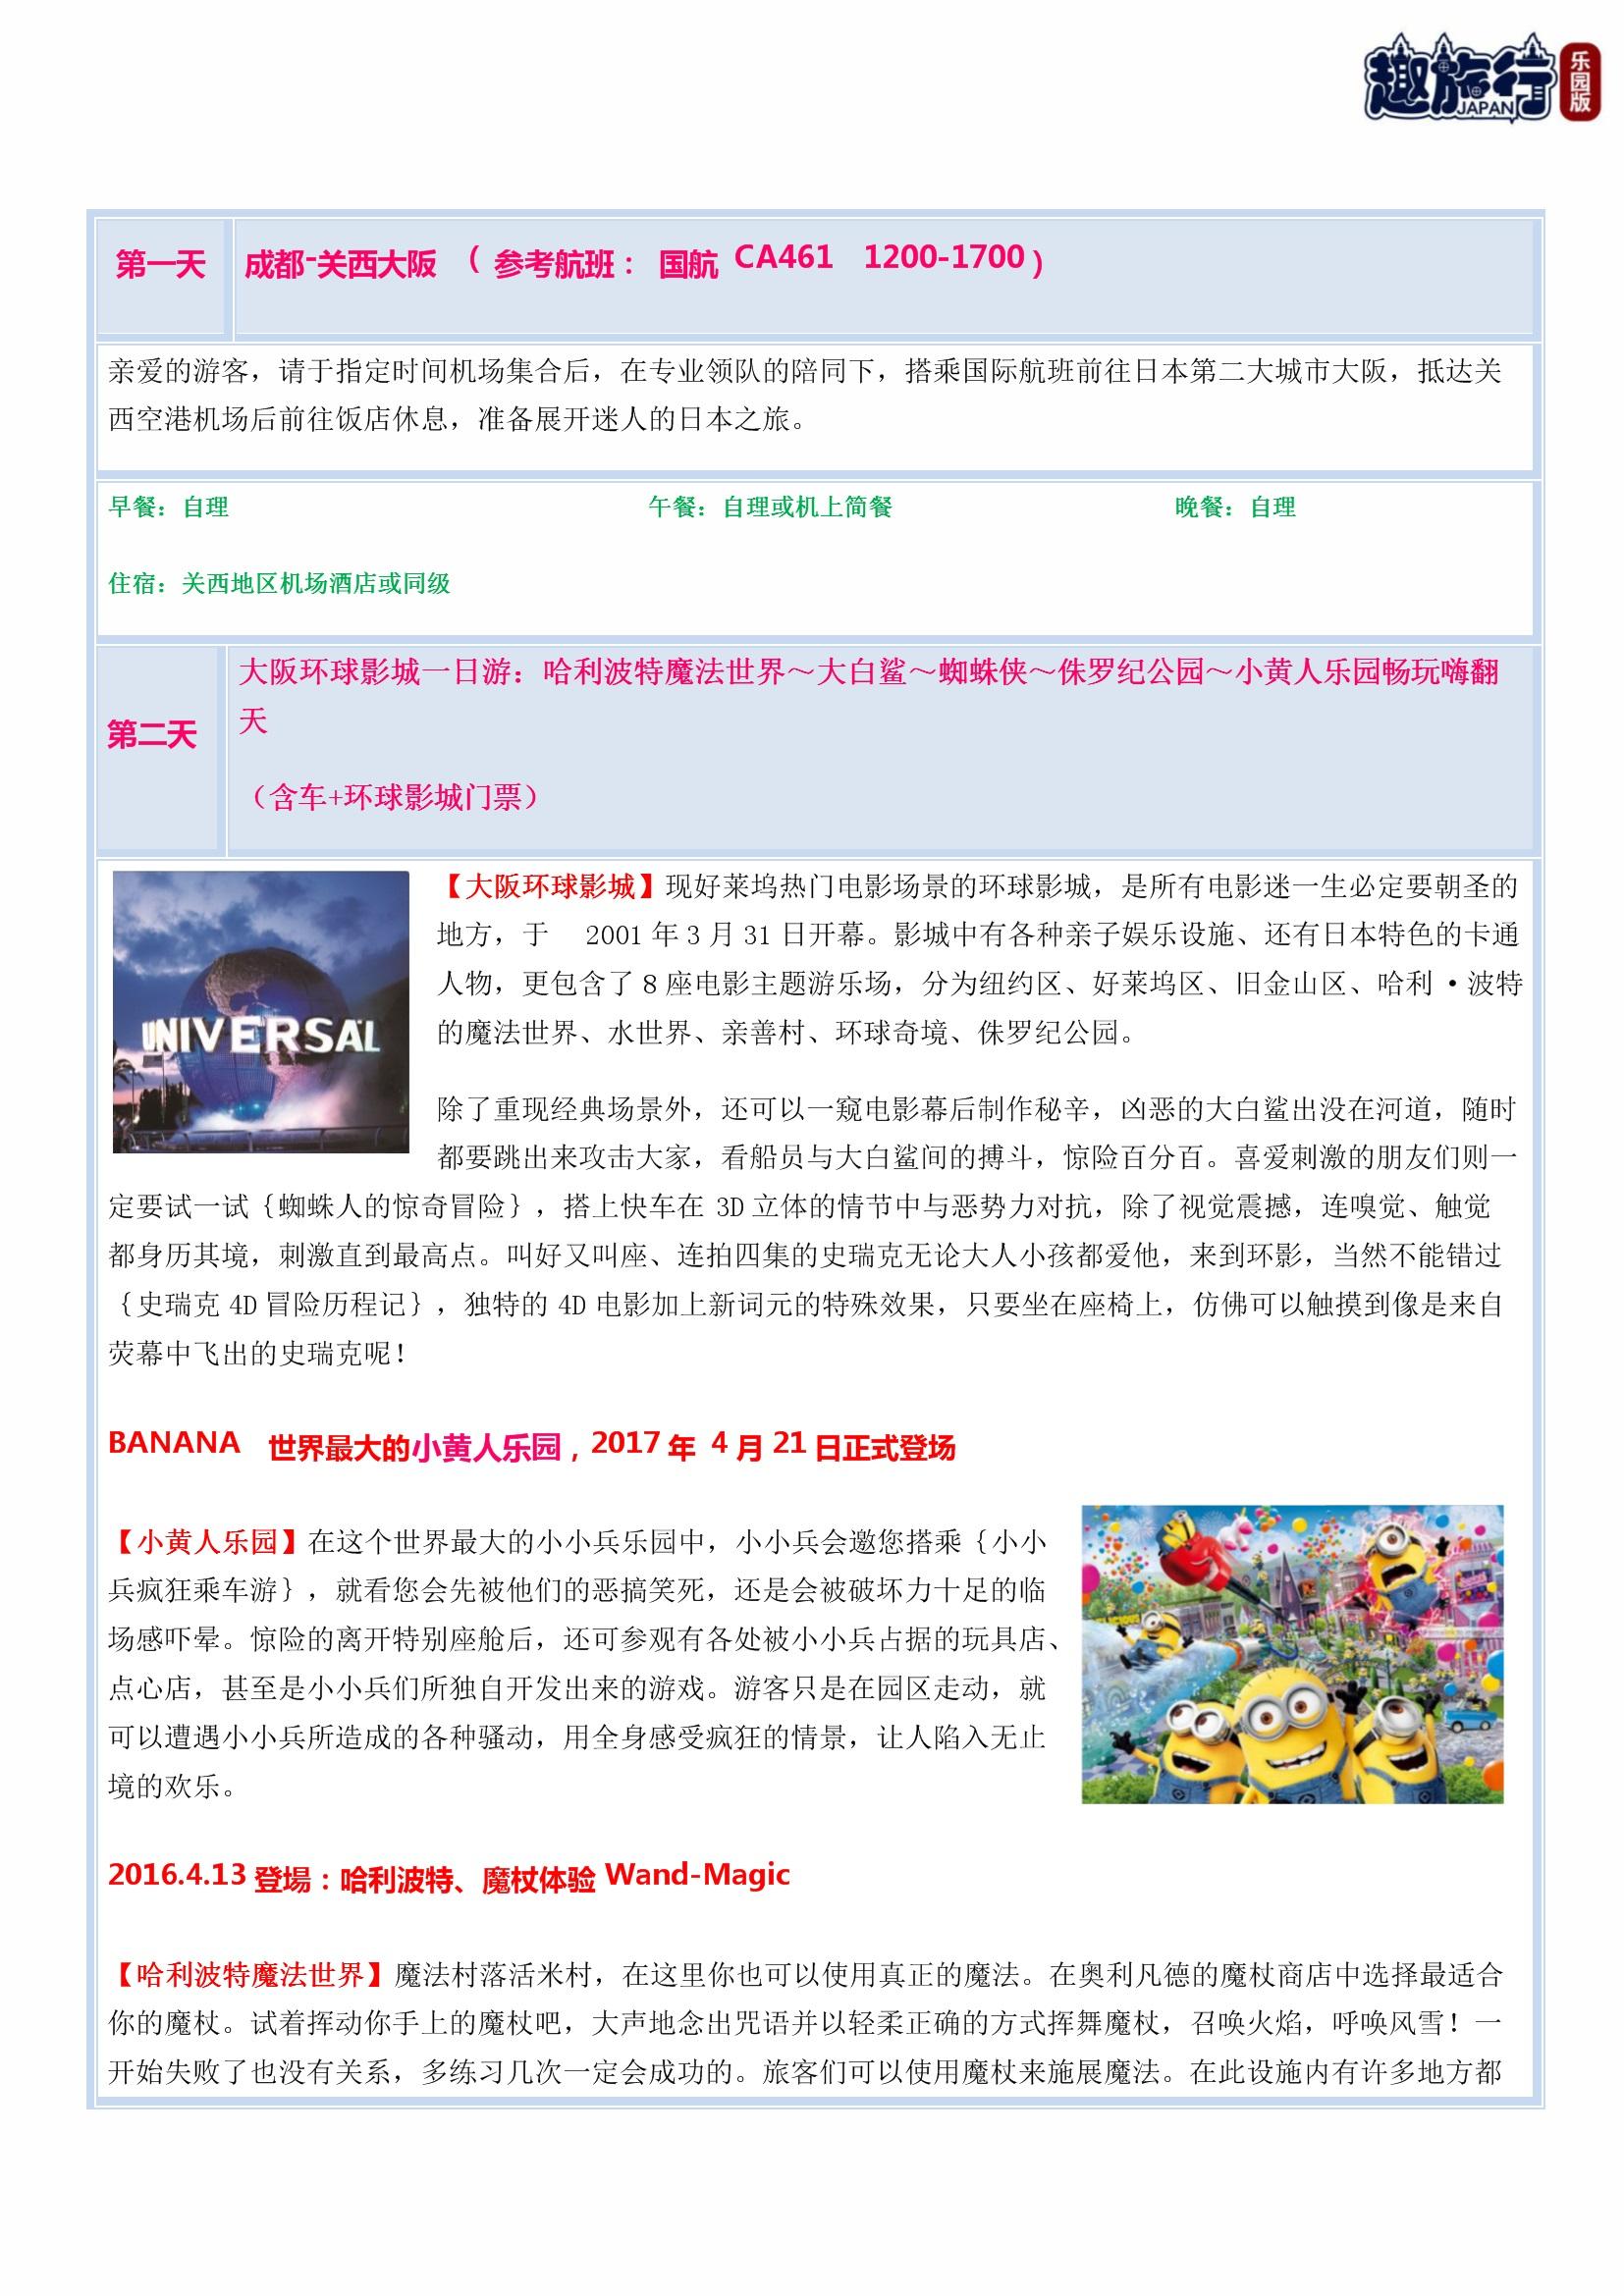 寒假双乐园 (8).jpg